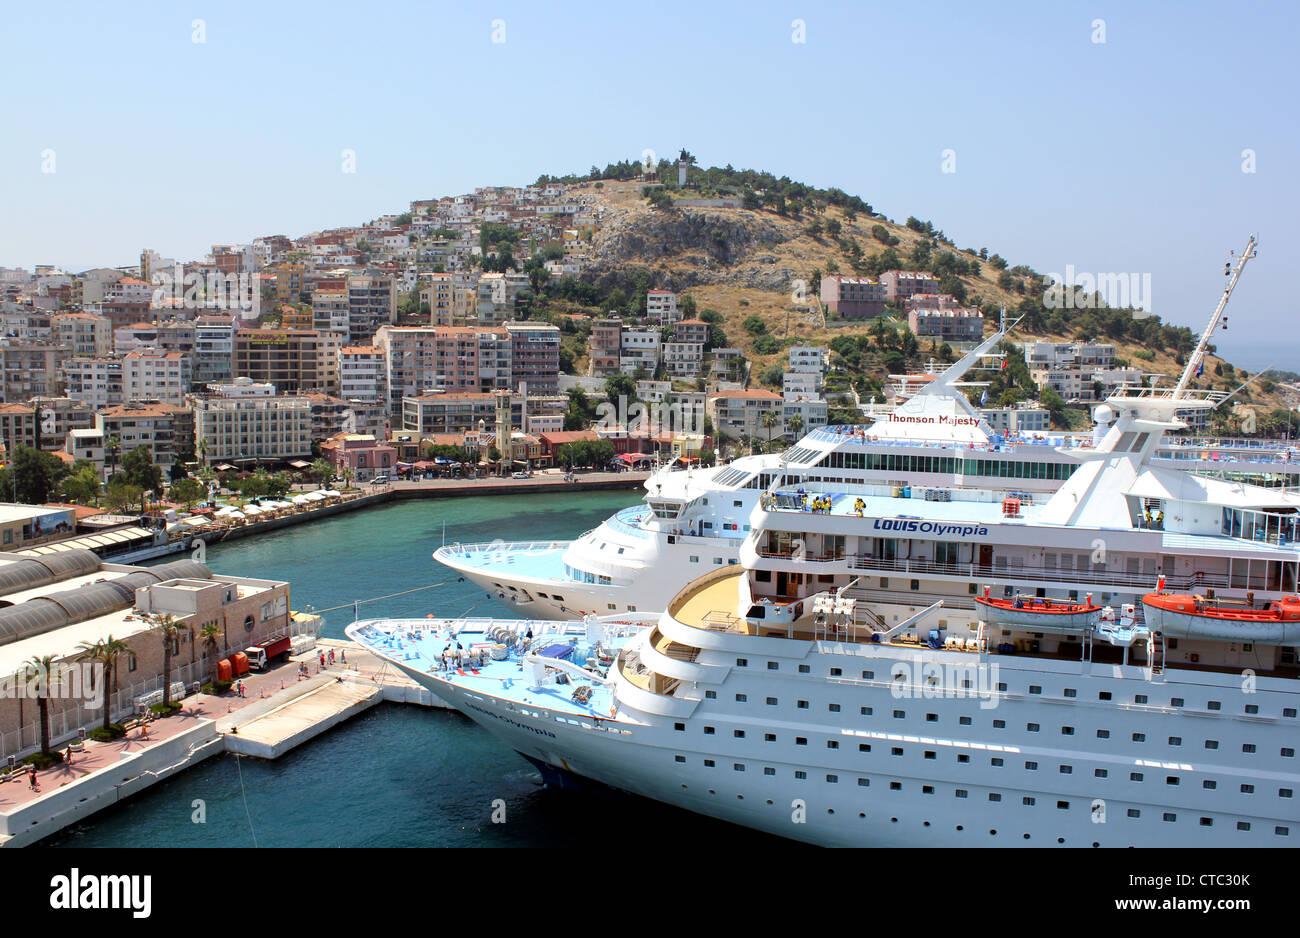 Cruise ships docked at Kusadasi, Turkey - Stock Image